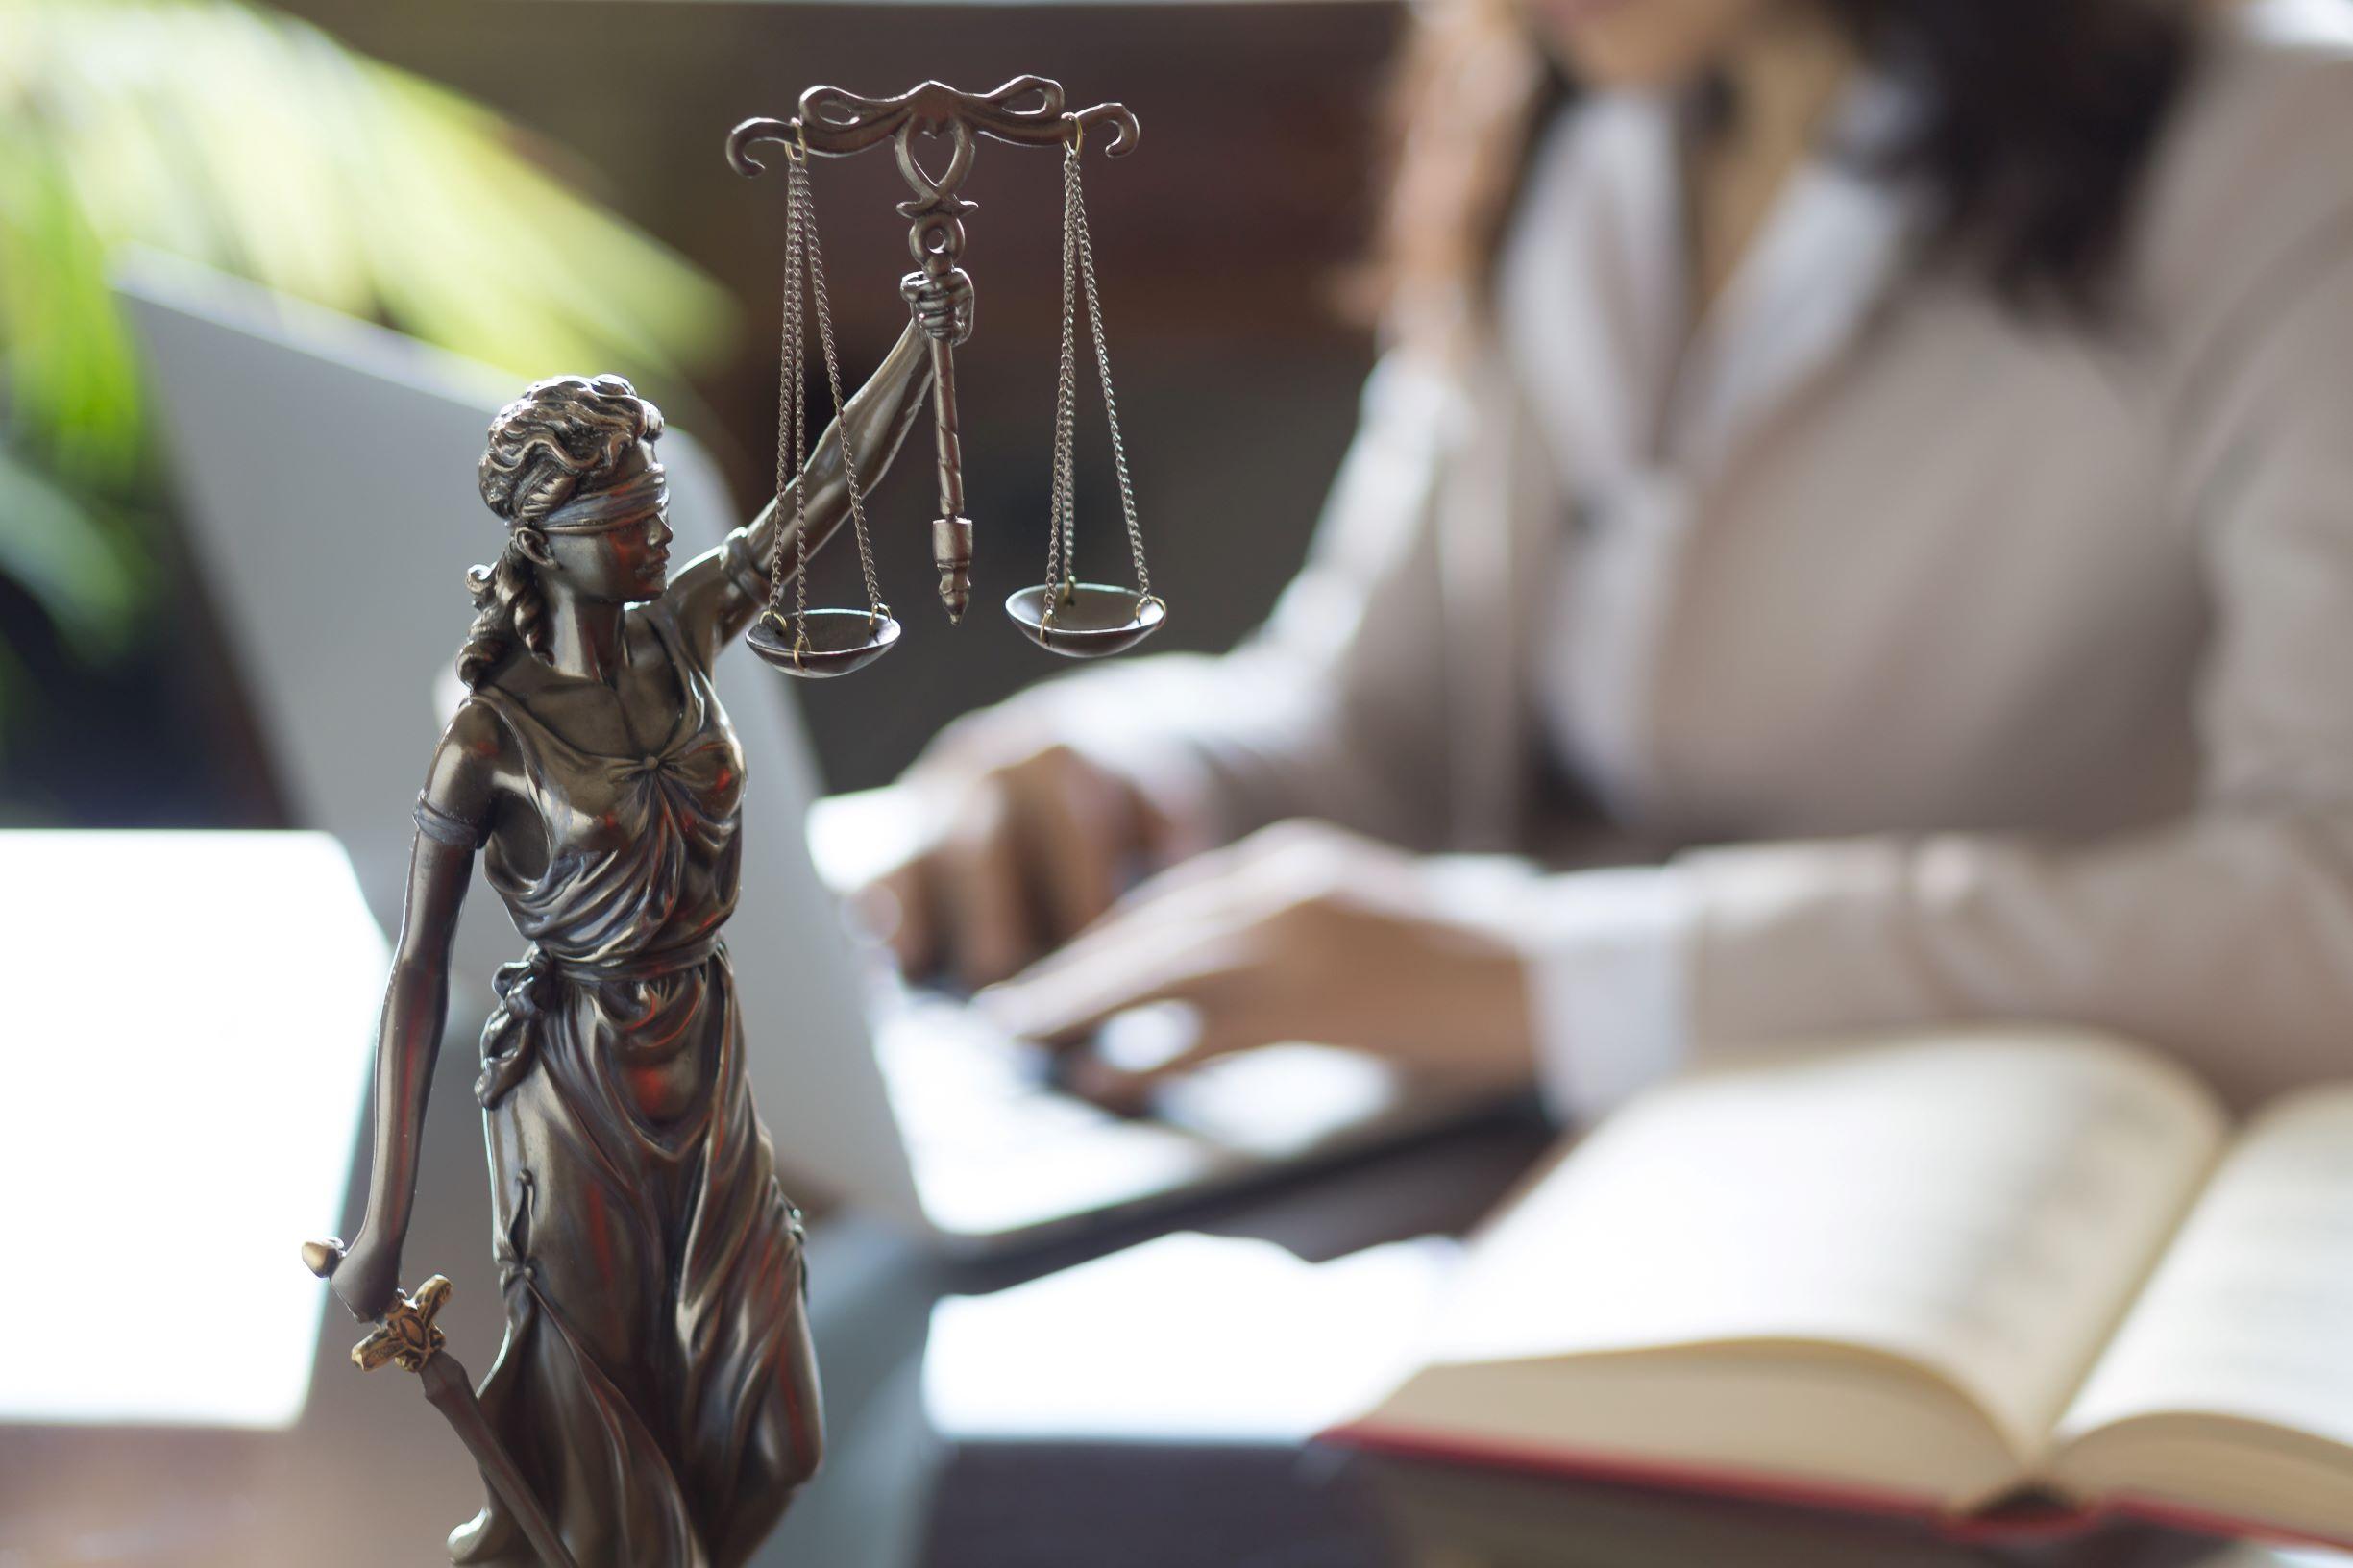 Sąd Najwyższy ponownie uznał, że klauzula indeksacyjna jest nieuczciwym postanowieniem umownym